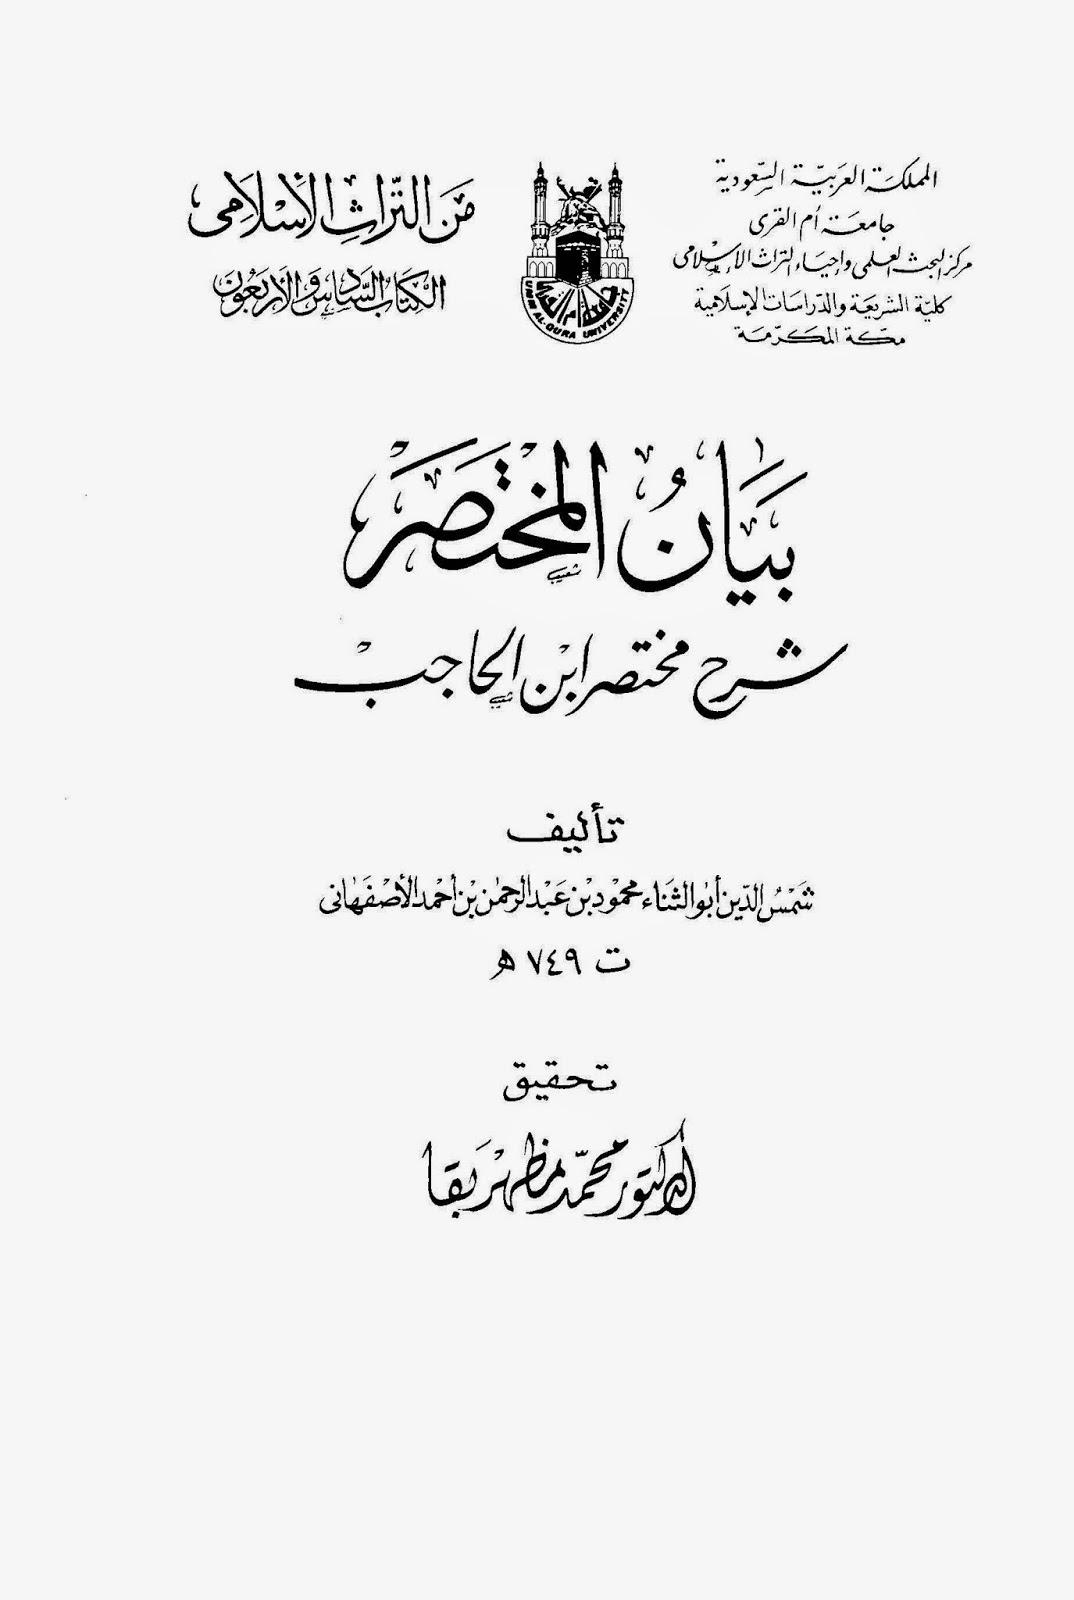 حمل كتاب بيان المختصر شرح مختصر ابن الحاجب لـ أبو الثناء الأصفهاني